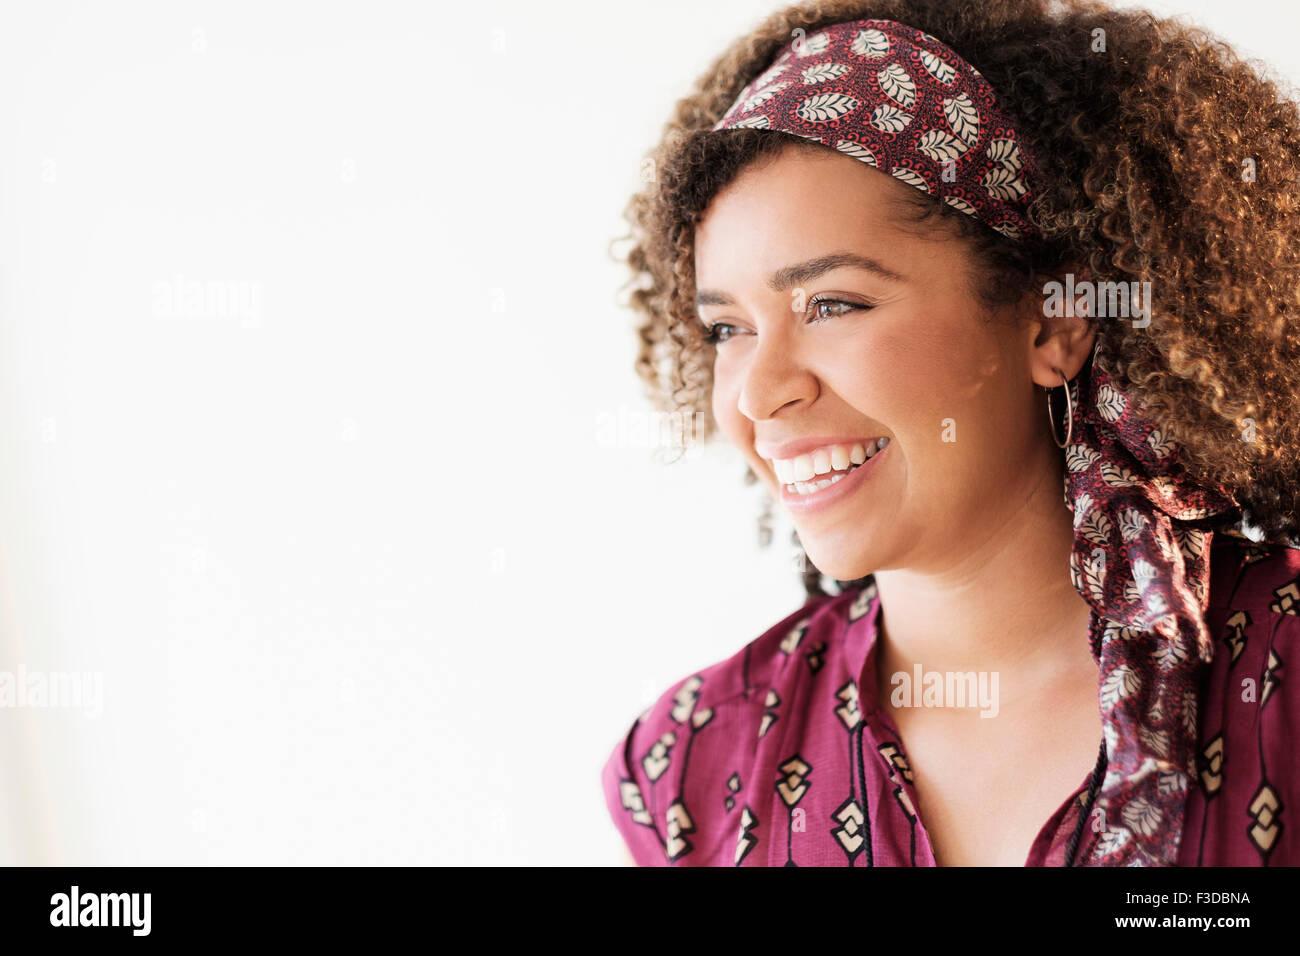 Retrato de mujer sonriente con el pelo rizado Imagen De Stock